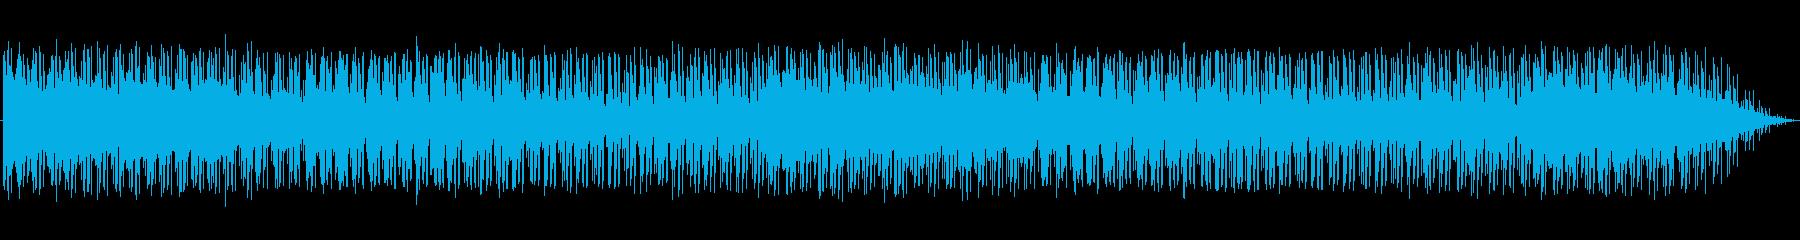 ポップ。広いパノラマ。の再生済みの波形